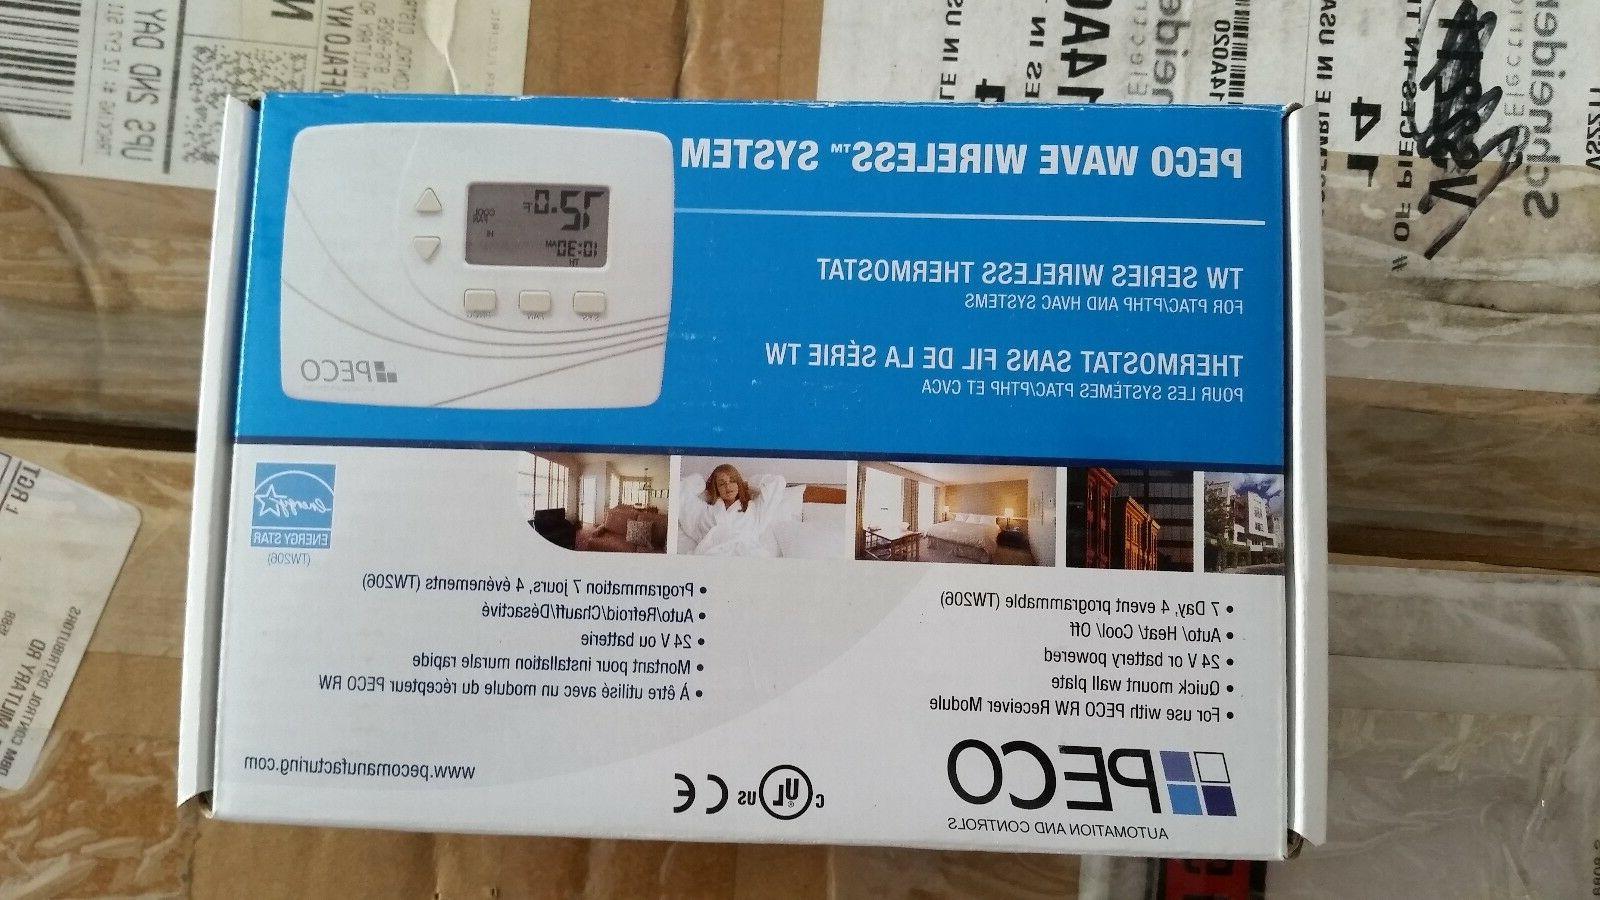 model tw205 001 wireless non